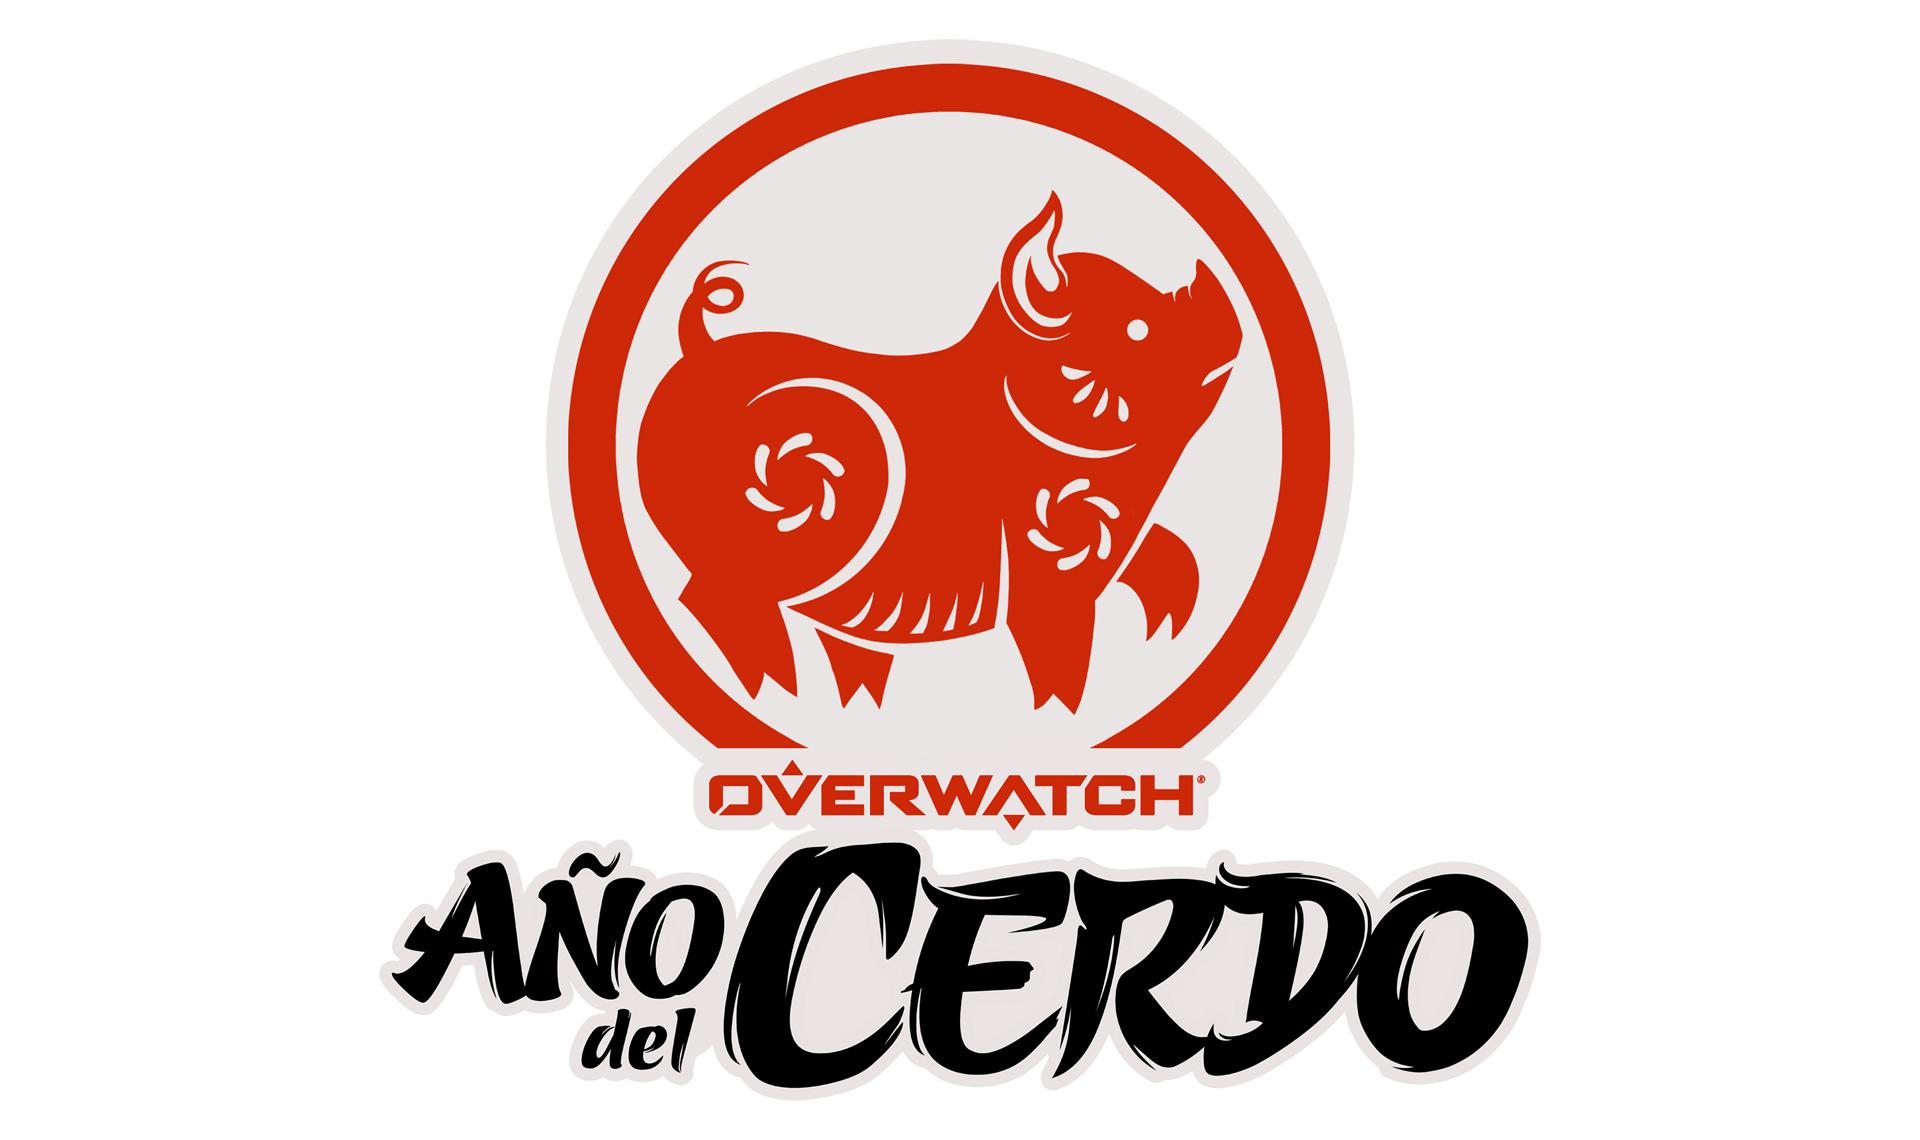 Overwatch Pone Fecha Al Evento Del Ano Nuevo Lunar 3djuegos